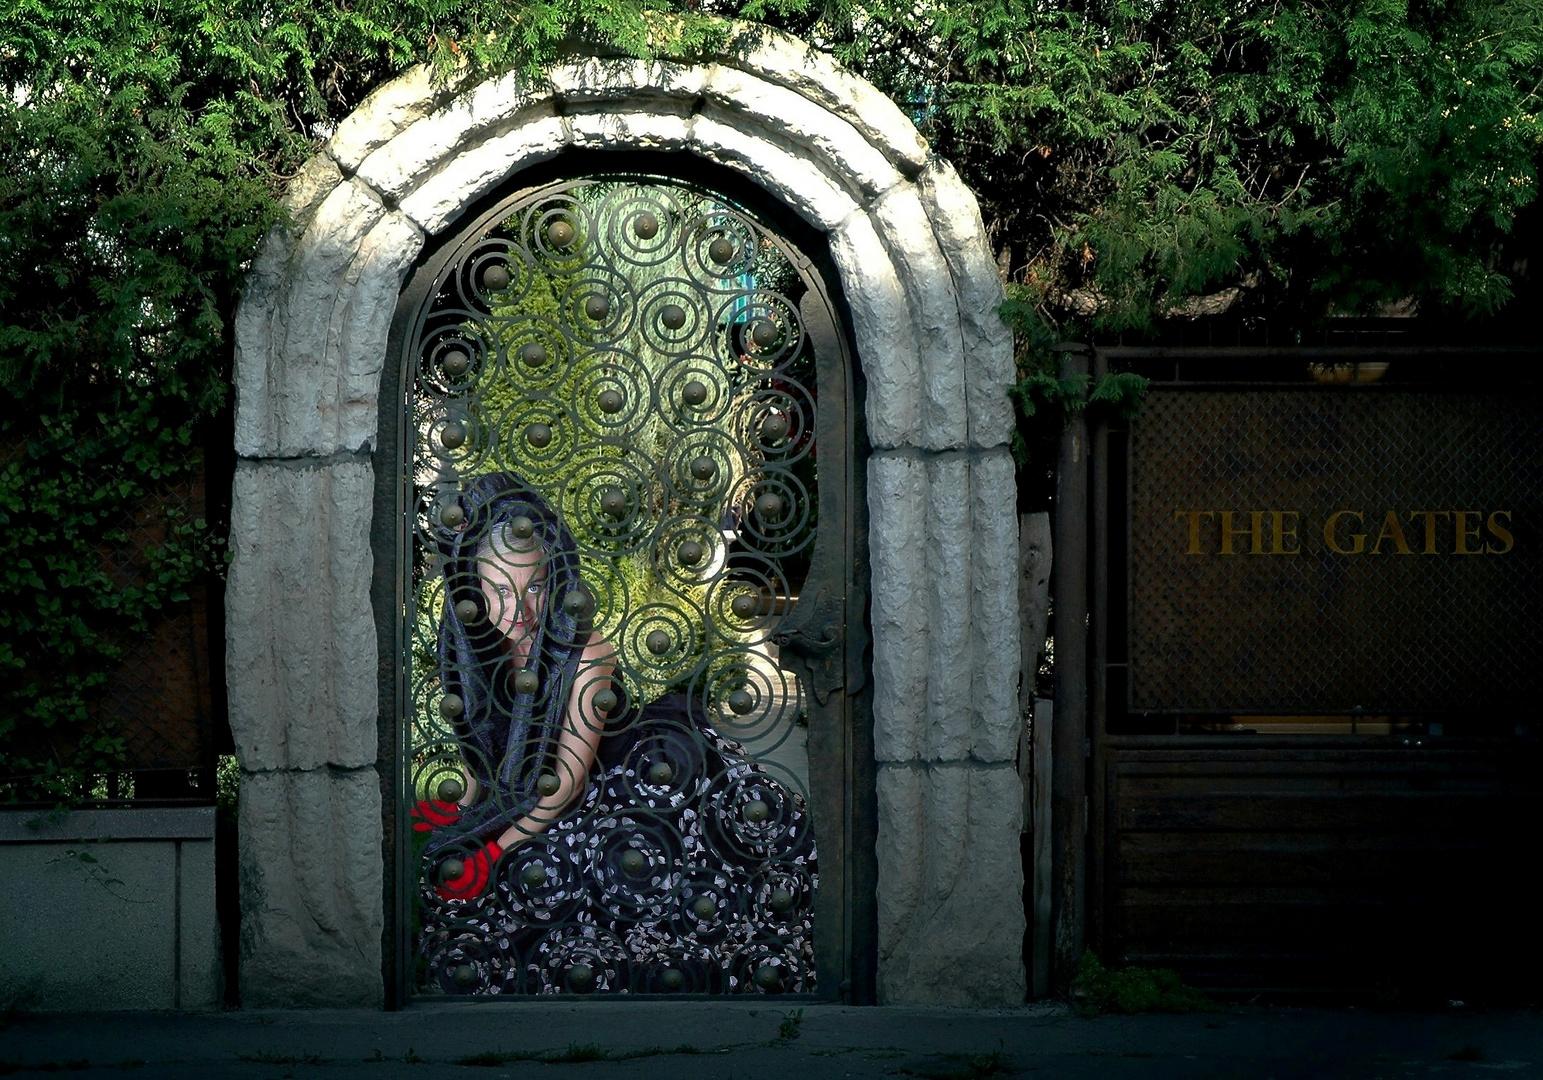 The gates, ciudad de vampiros